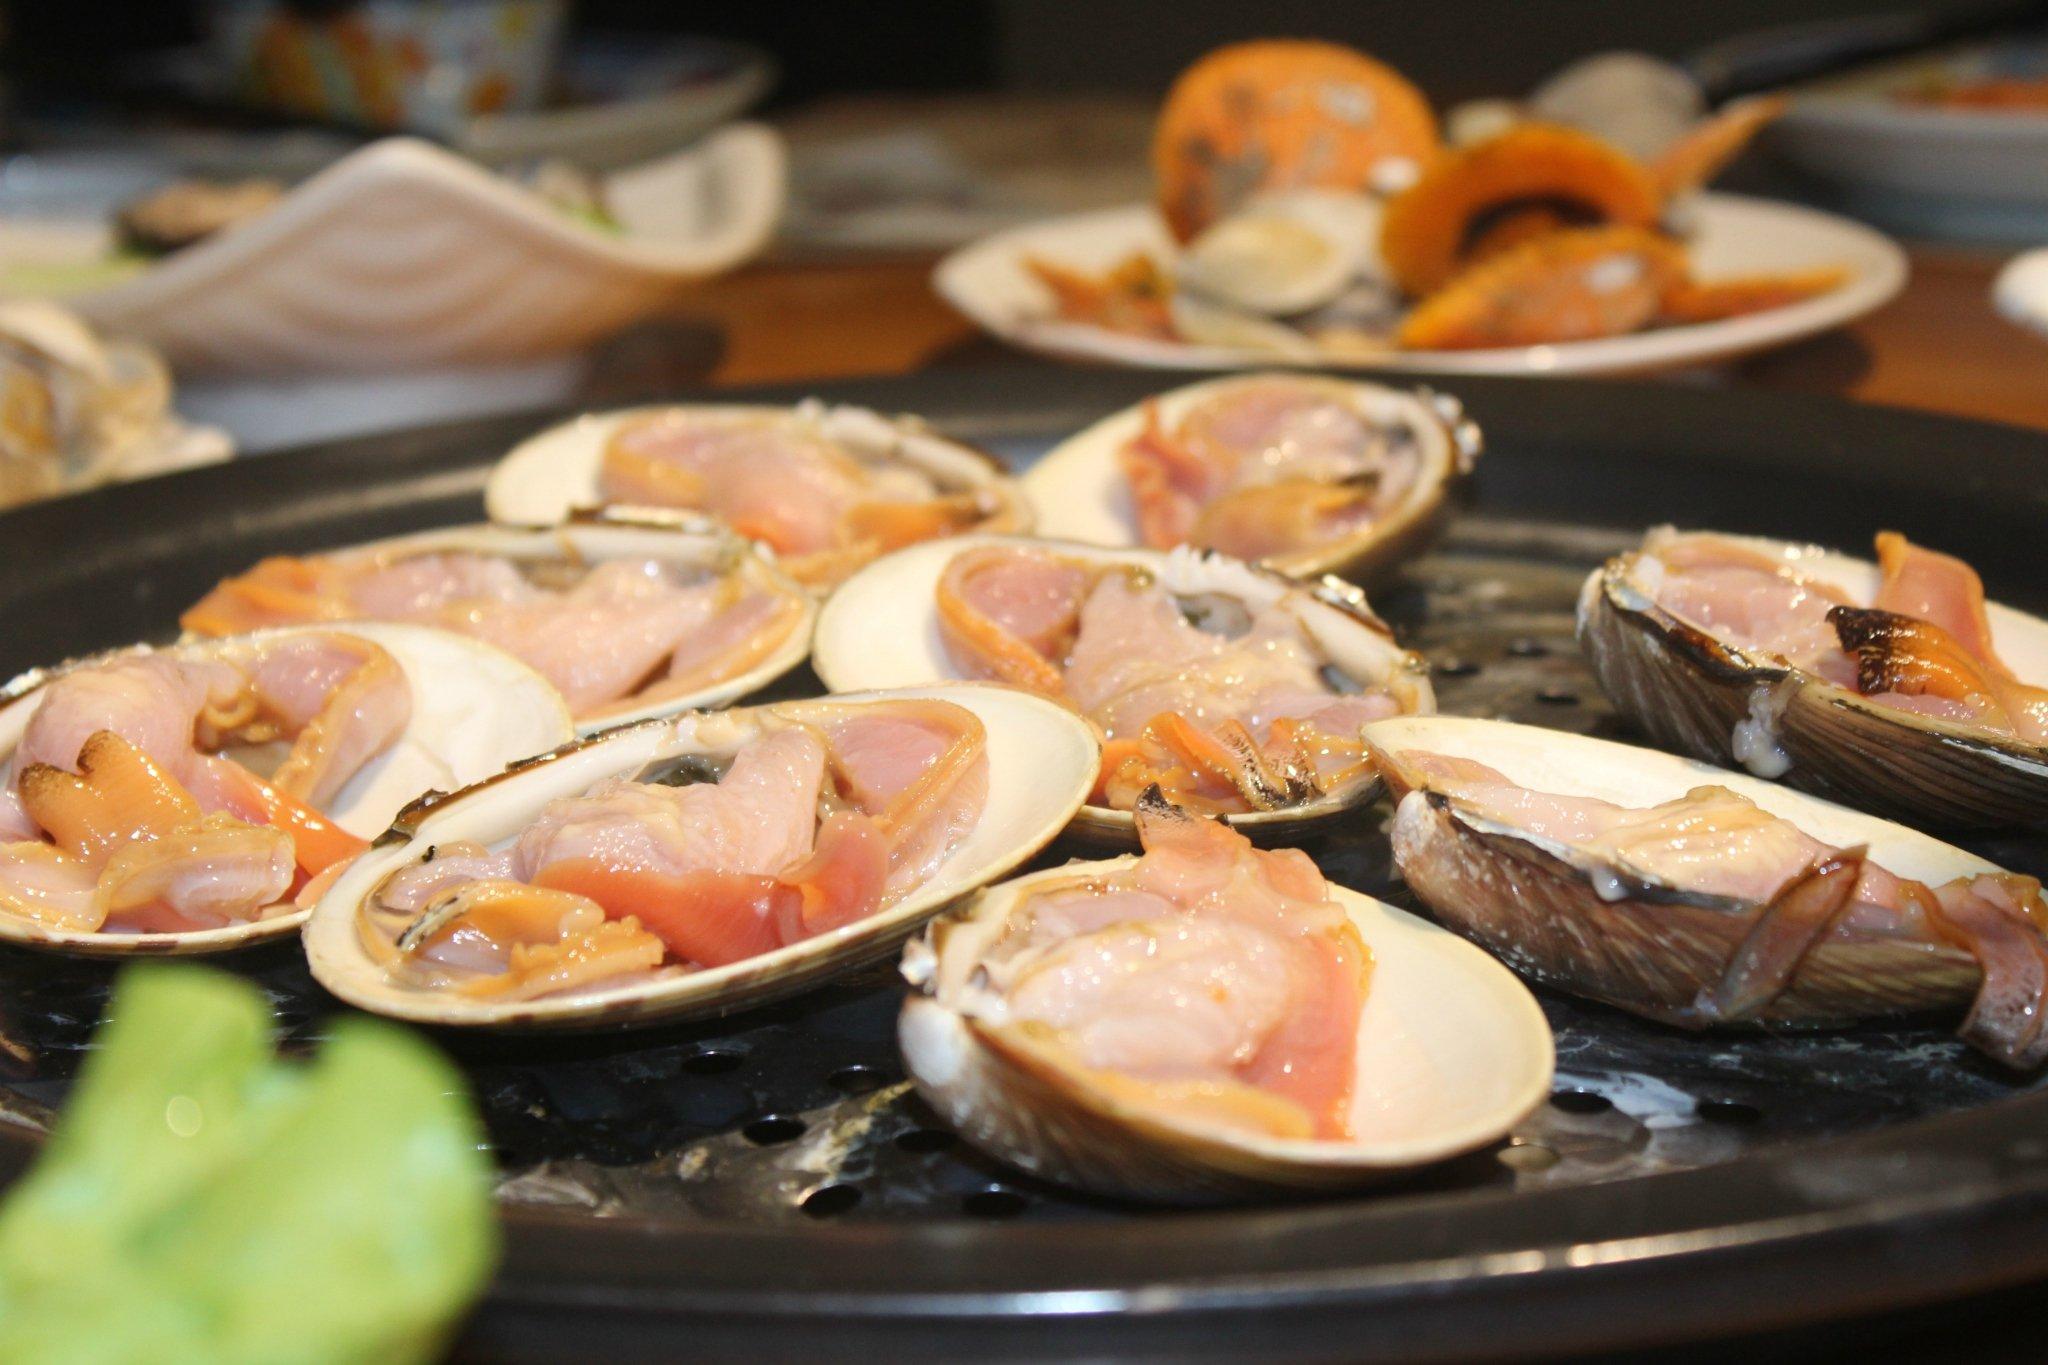 厦门美食攻略攻略,火锅和辣,你选?_厦门旅游海鲜因斯布鲁克旅游攻略穷游图片